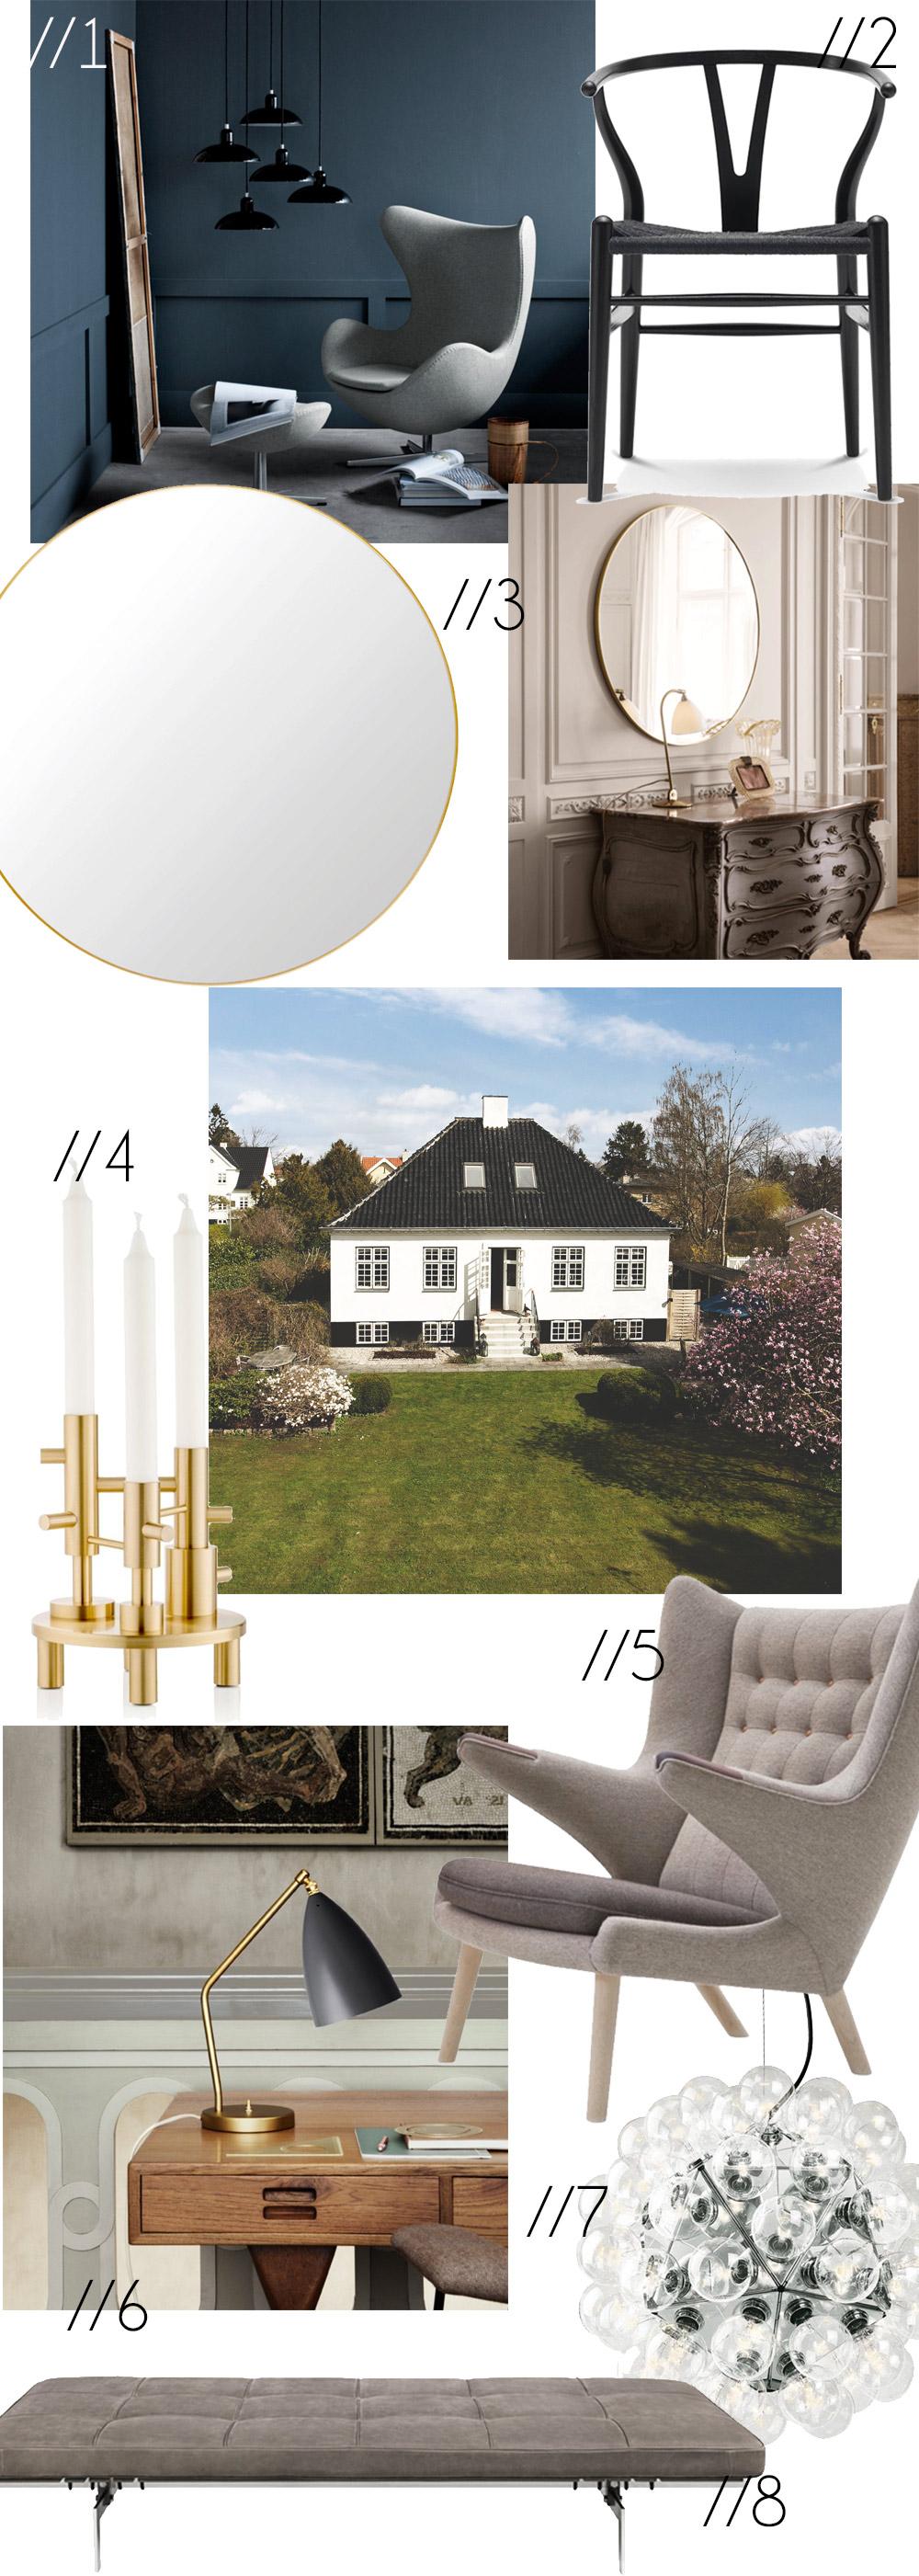 brdr-friis-bolig-indretning-moebler-design-klassikere